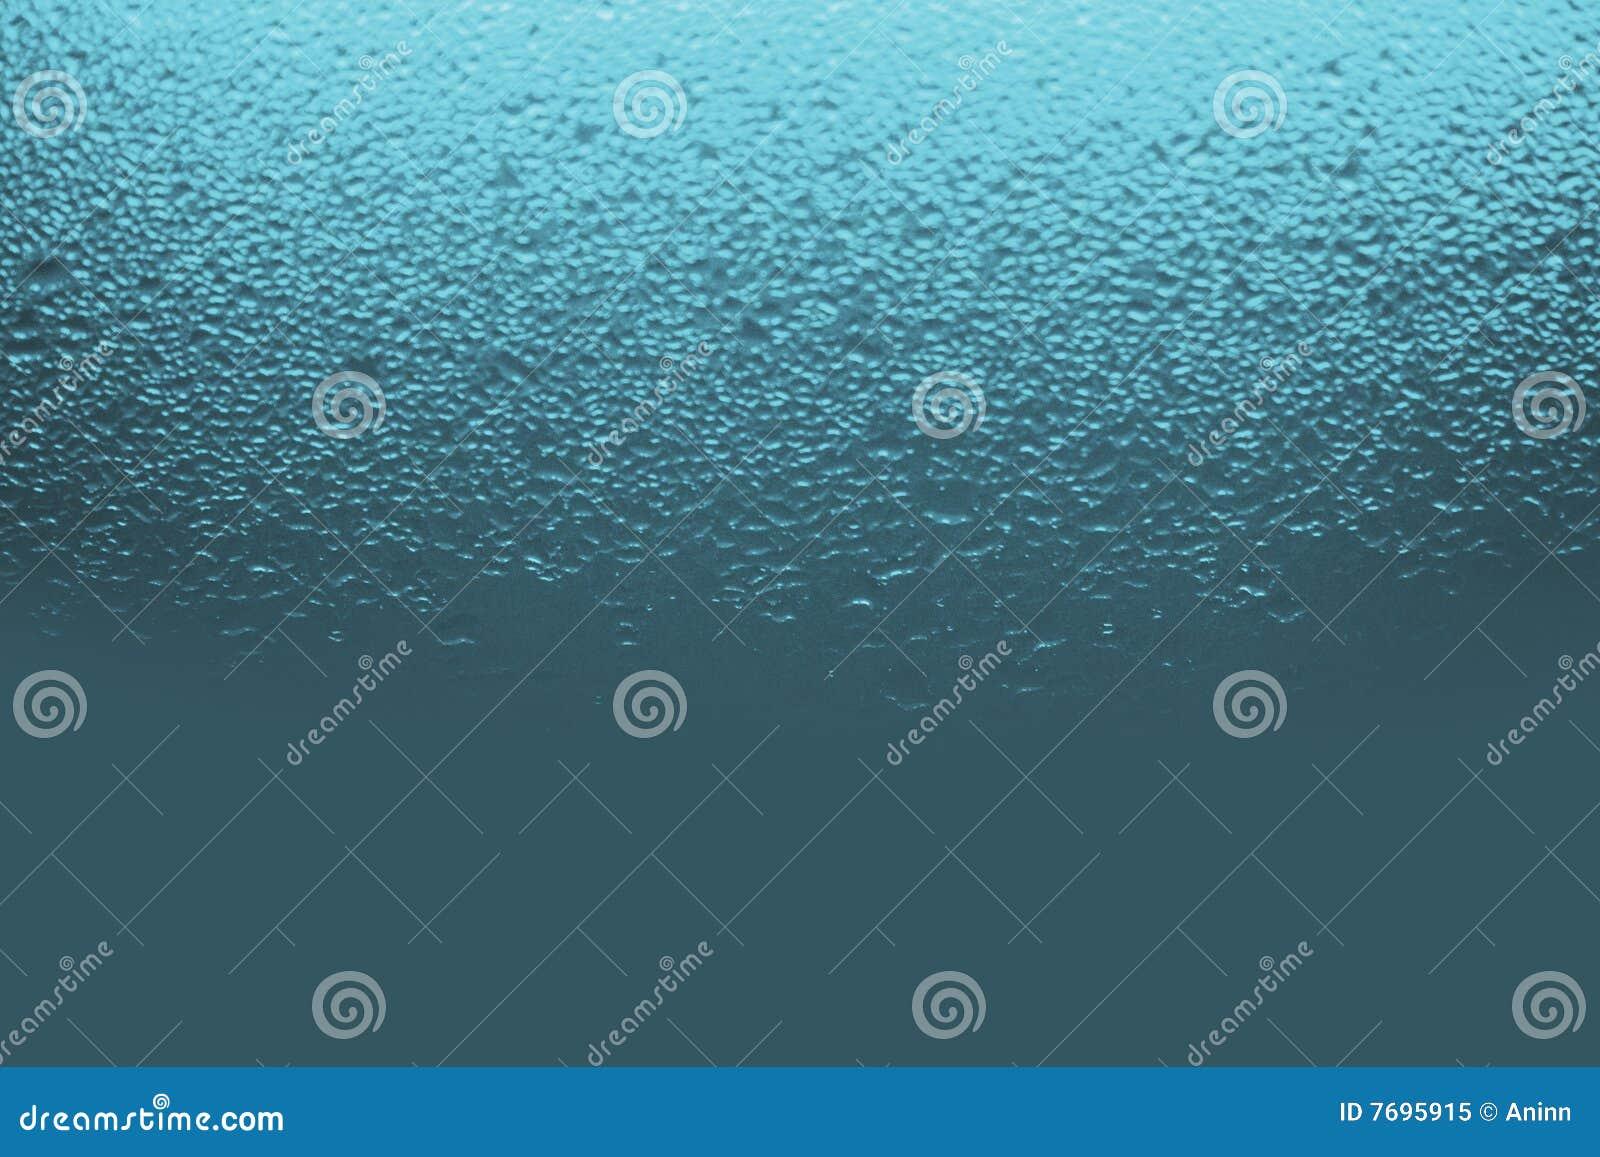 Aqua desktop